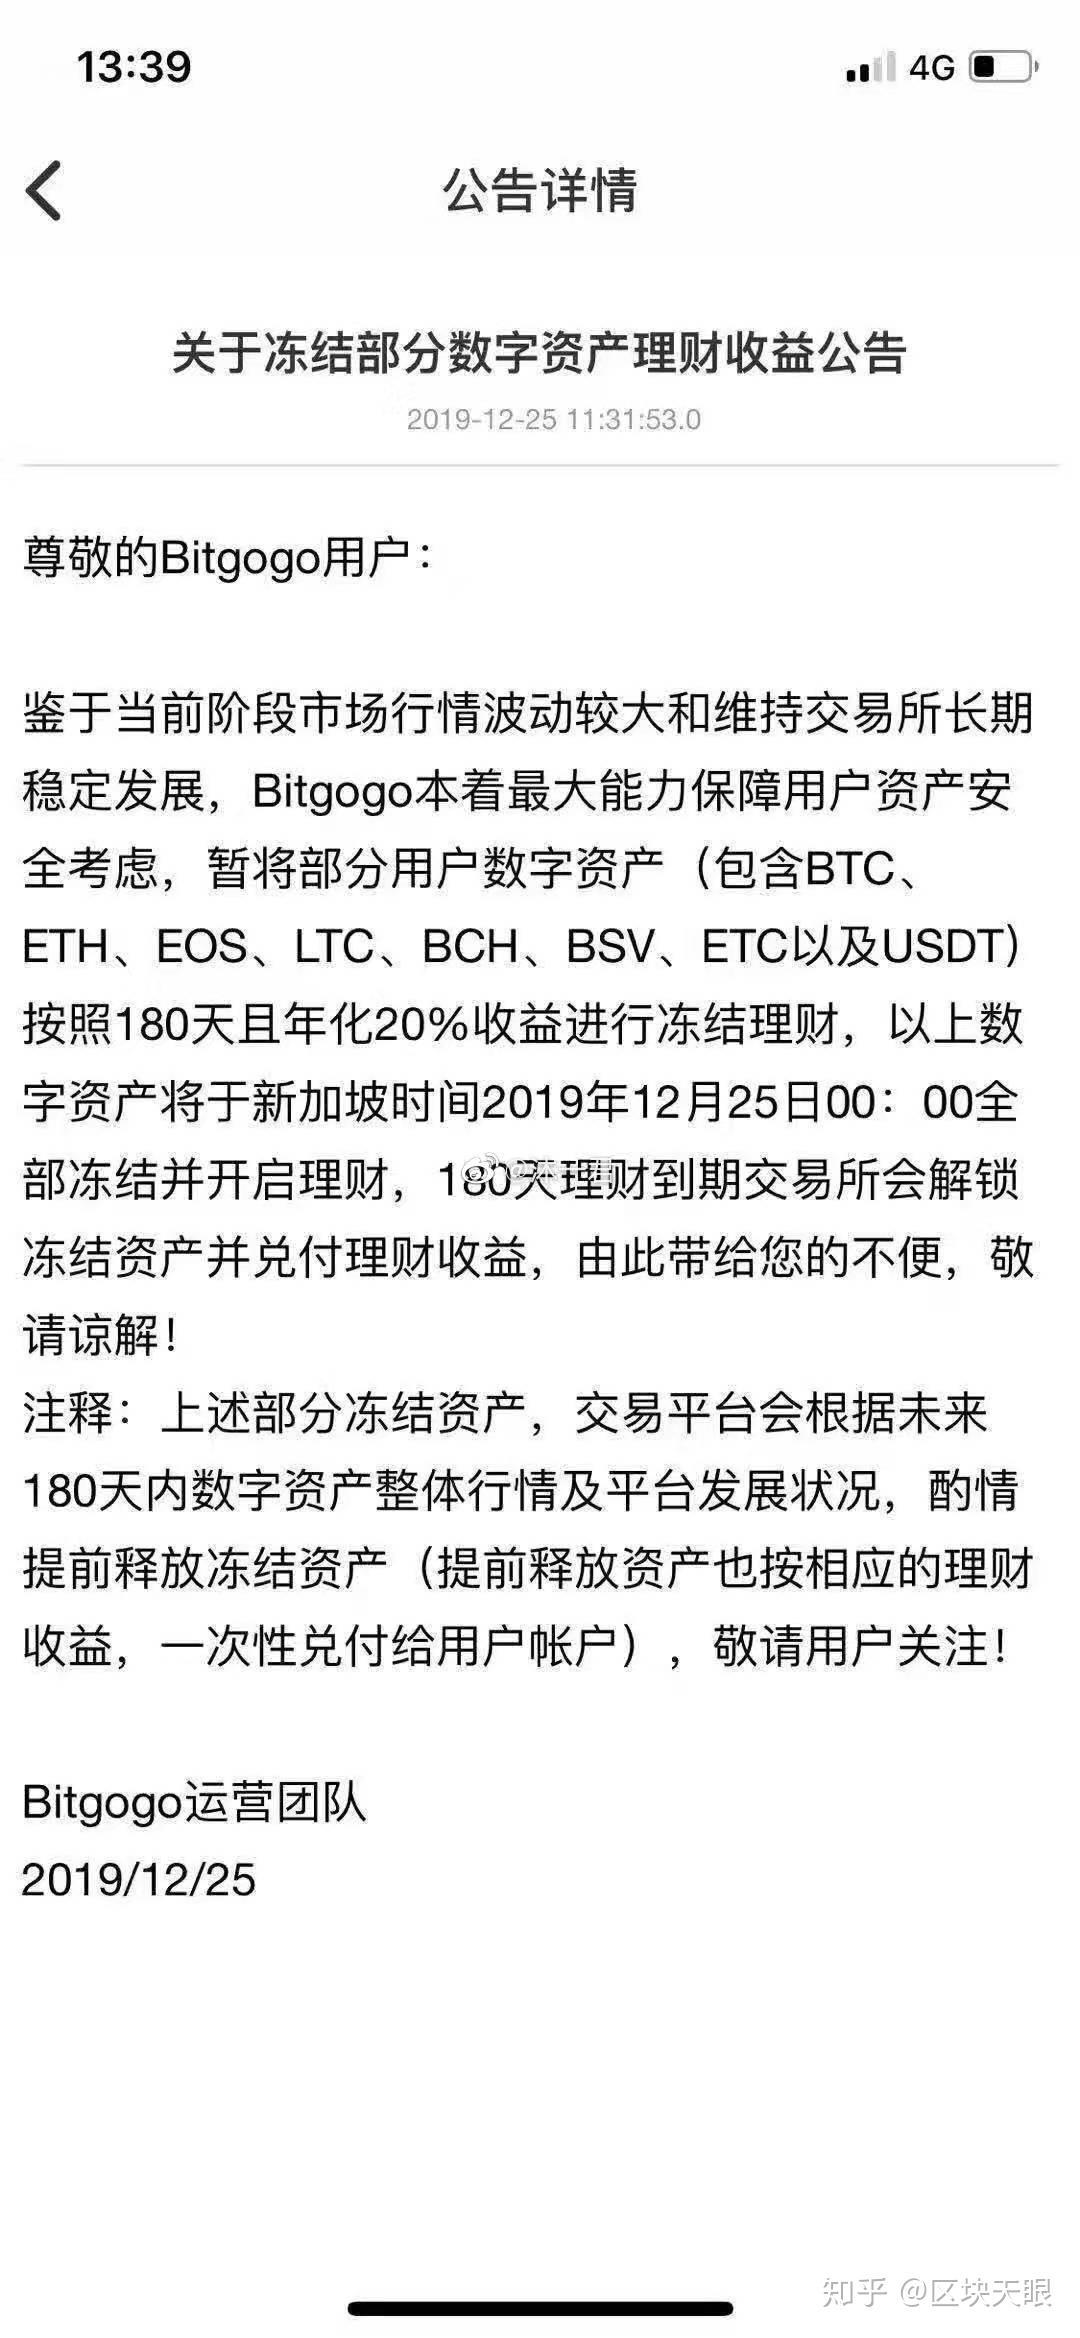 可可金融明星项目高维地球(GMAT)创始人李东拖欠员工费用,遭前员工起底爆料并维权